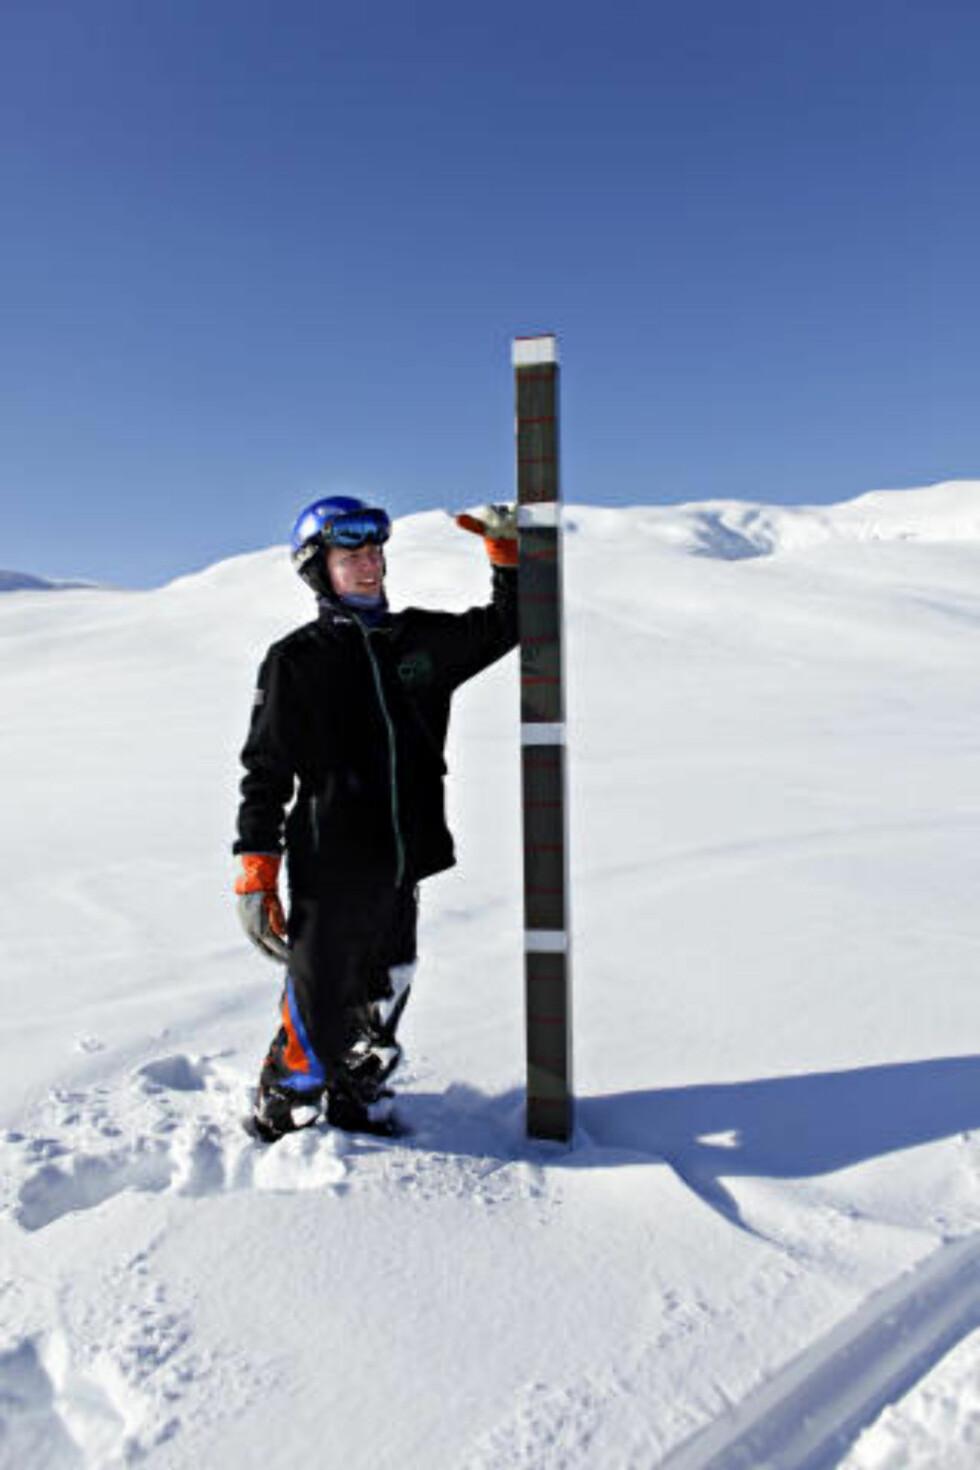 SNØDYBDEN: Jostein Norheim (16) viser hvor mye dypere snøen er på toppen av Kari Traa trekket. Voss Fjellandsby Myrkdalen, ledet snødybdestatistikken i februar. FOTO: Ole C. H. Thomassen